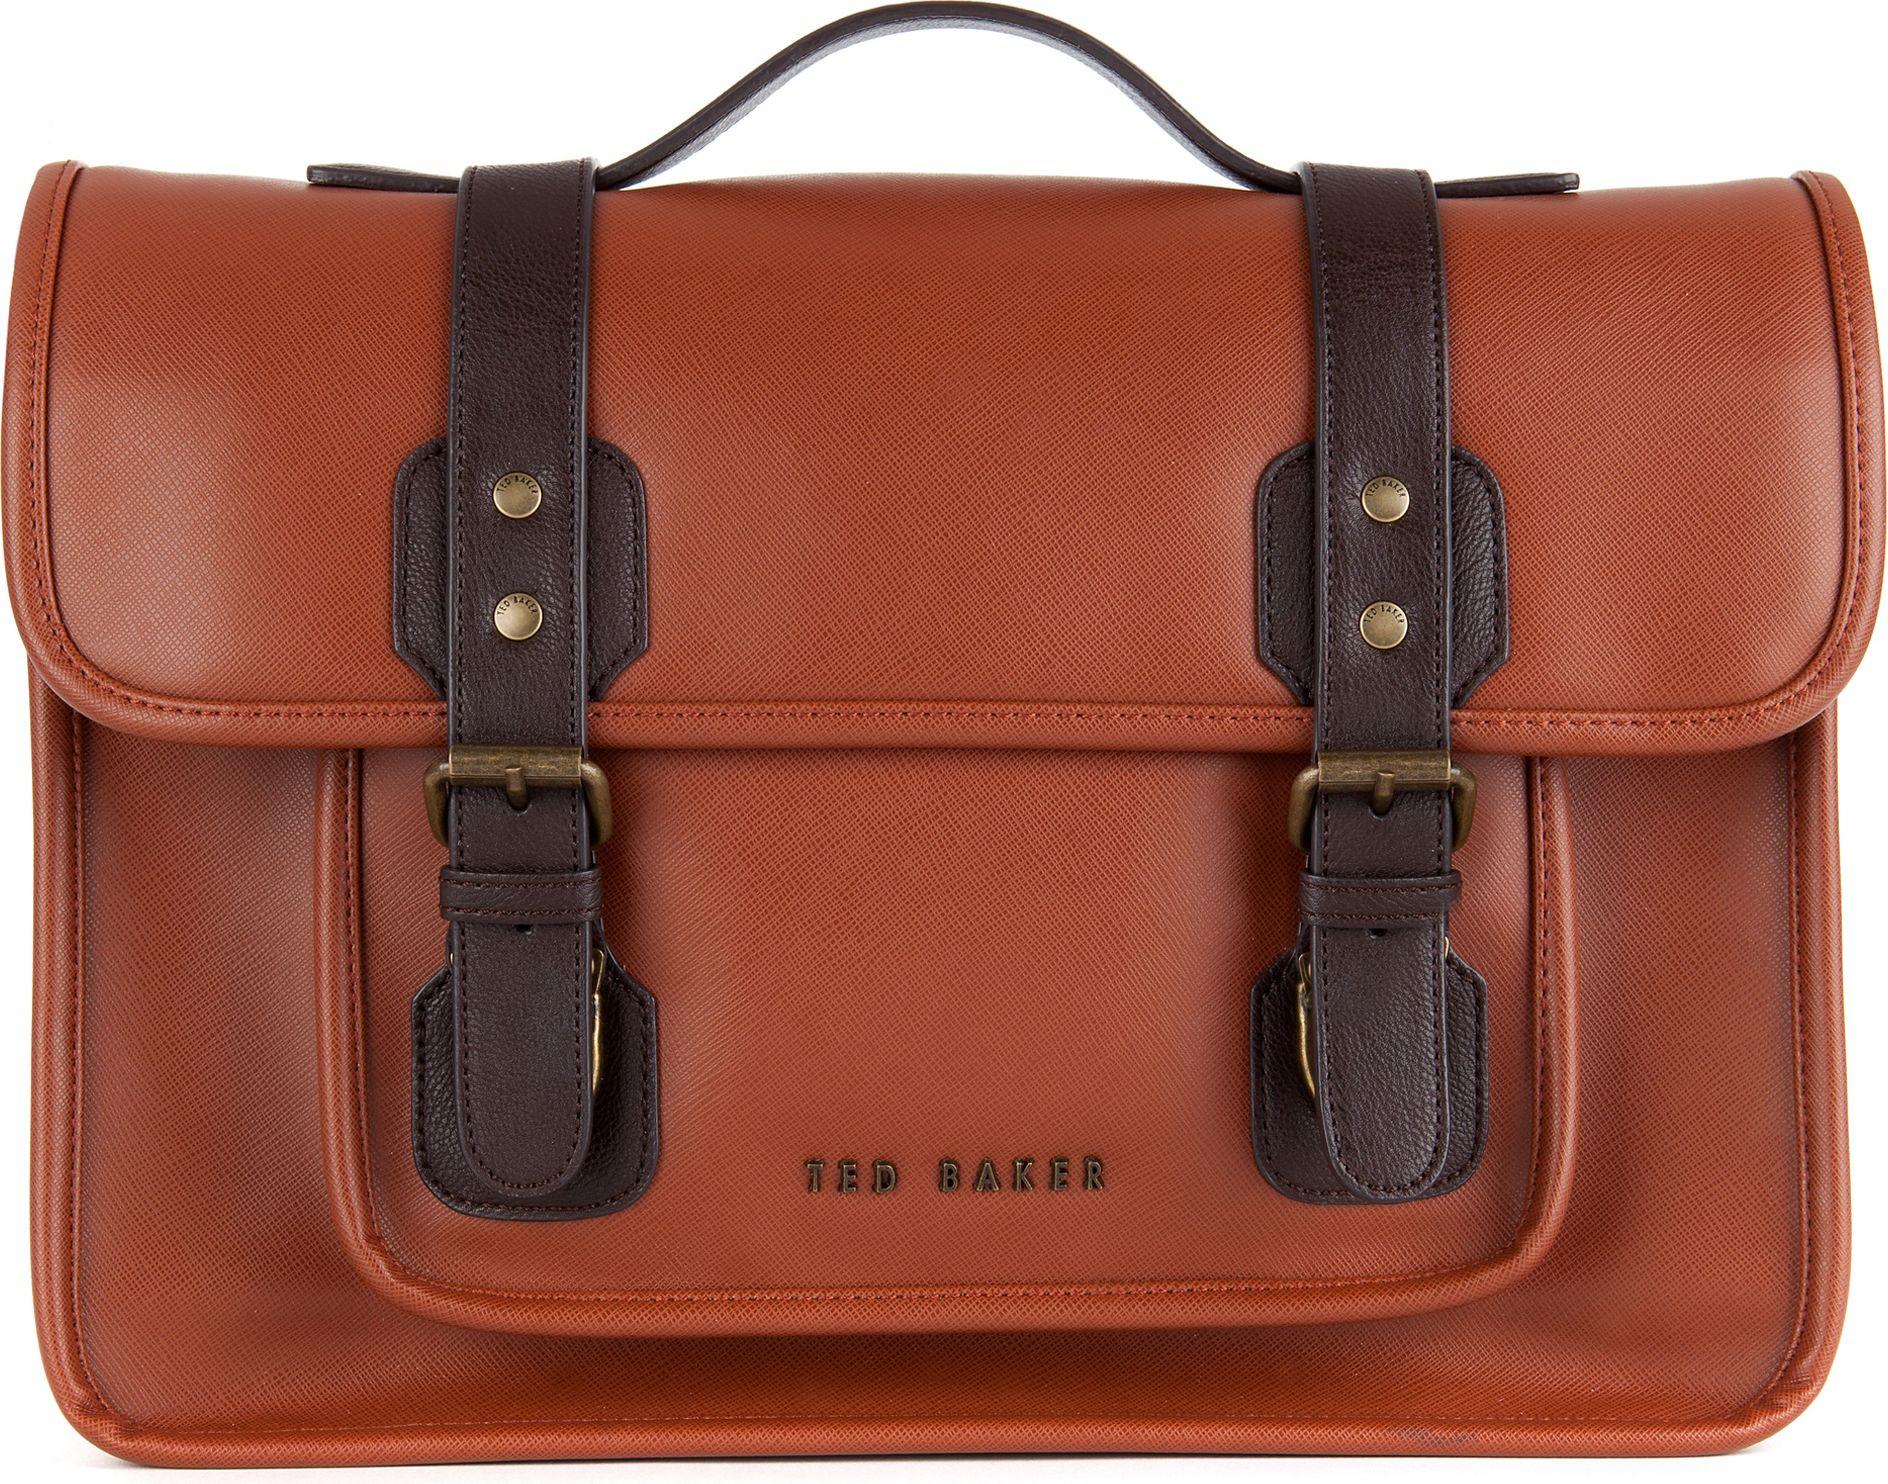 Ted Baker Skoling Satchel Bag in Brown for Men - Lyst 2f70ebddb5c77